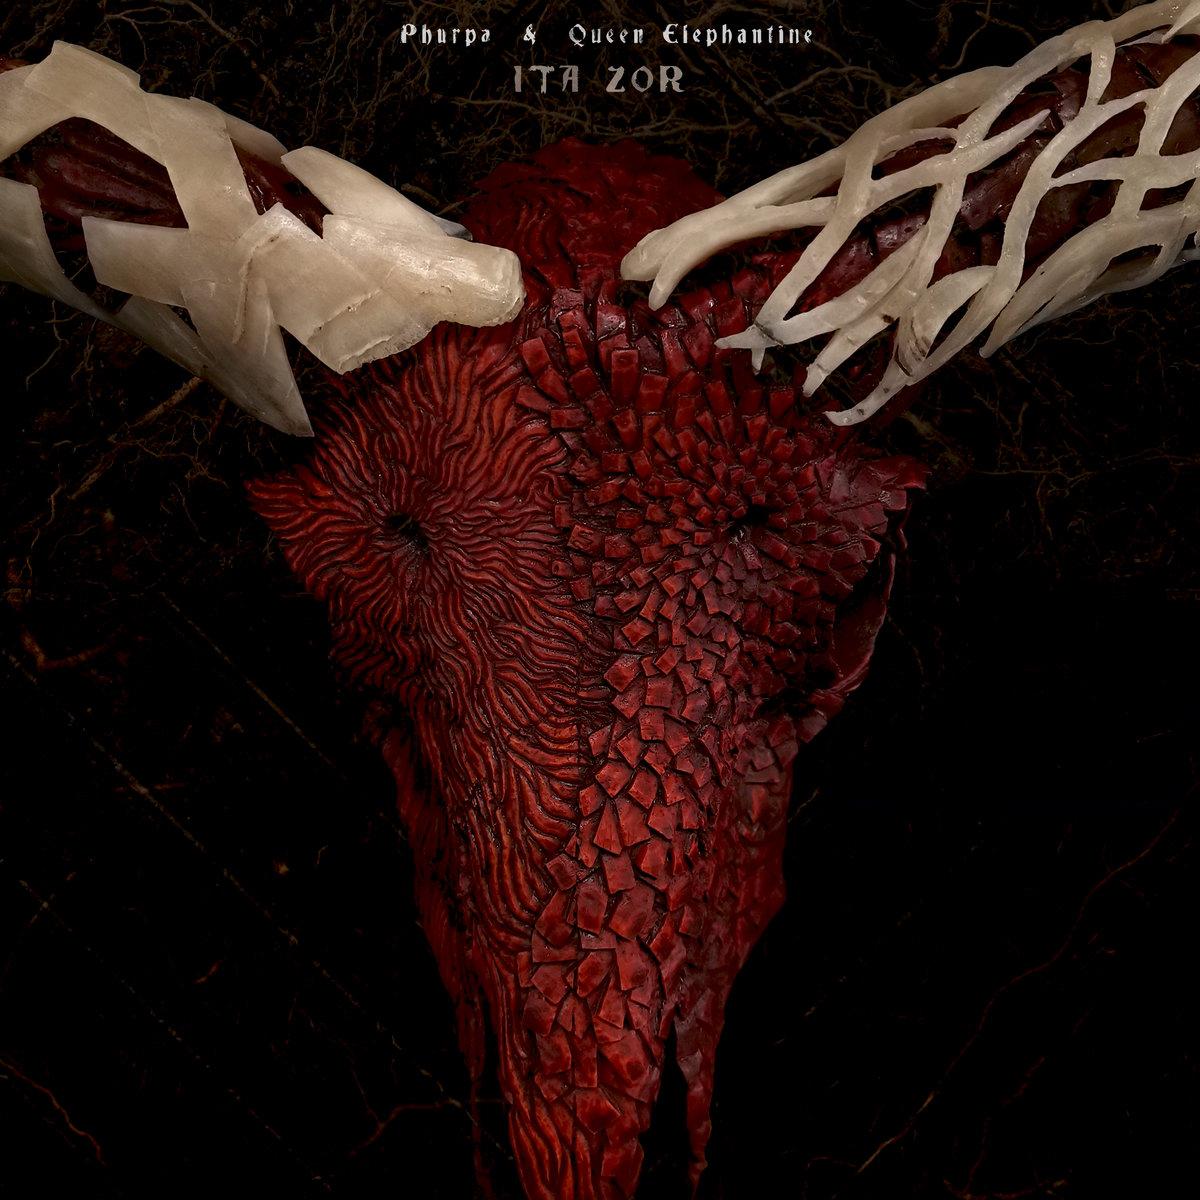 Phurba & Queen Elephantine - Ita Zor (Atypeek Records/ 4iB Records/ Misophonia Records, 2021)